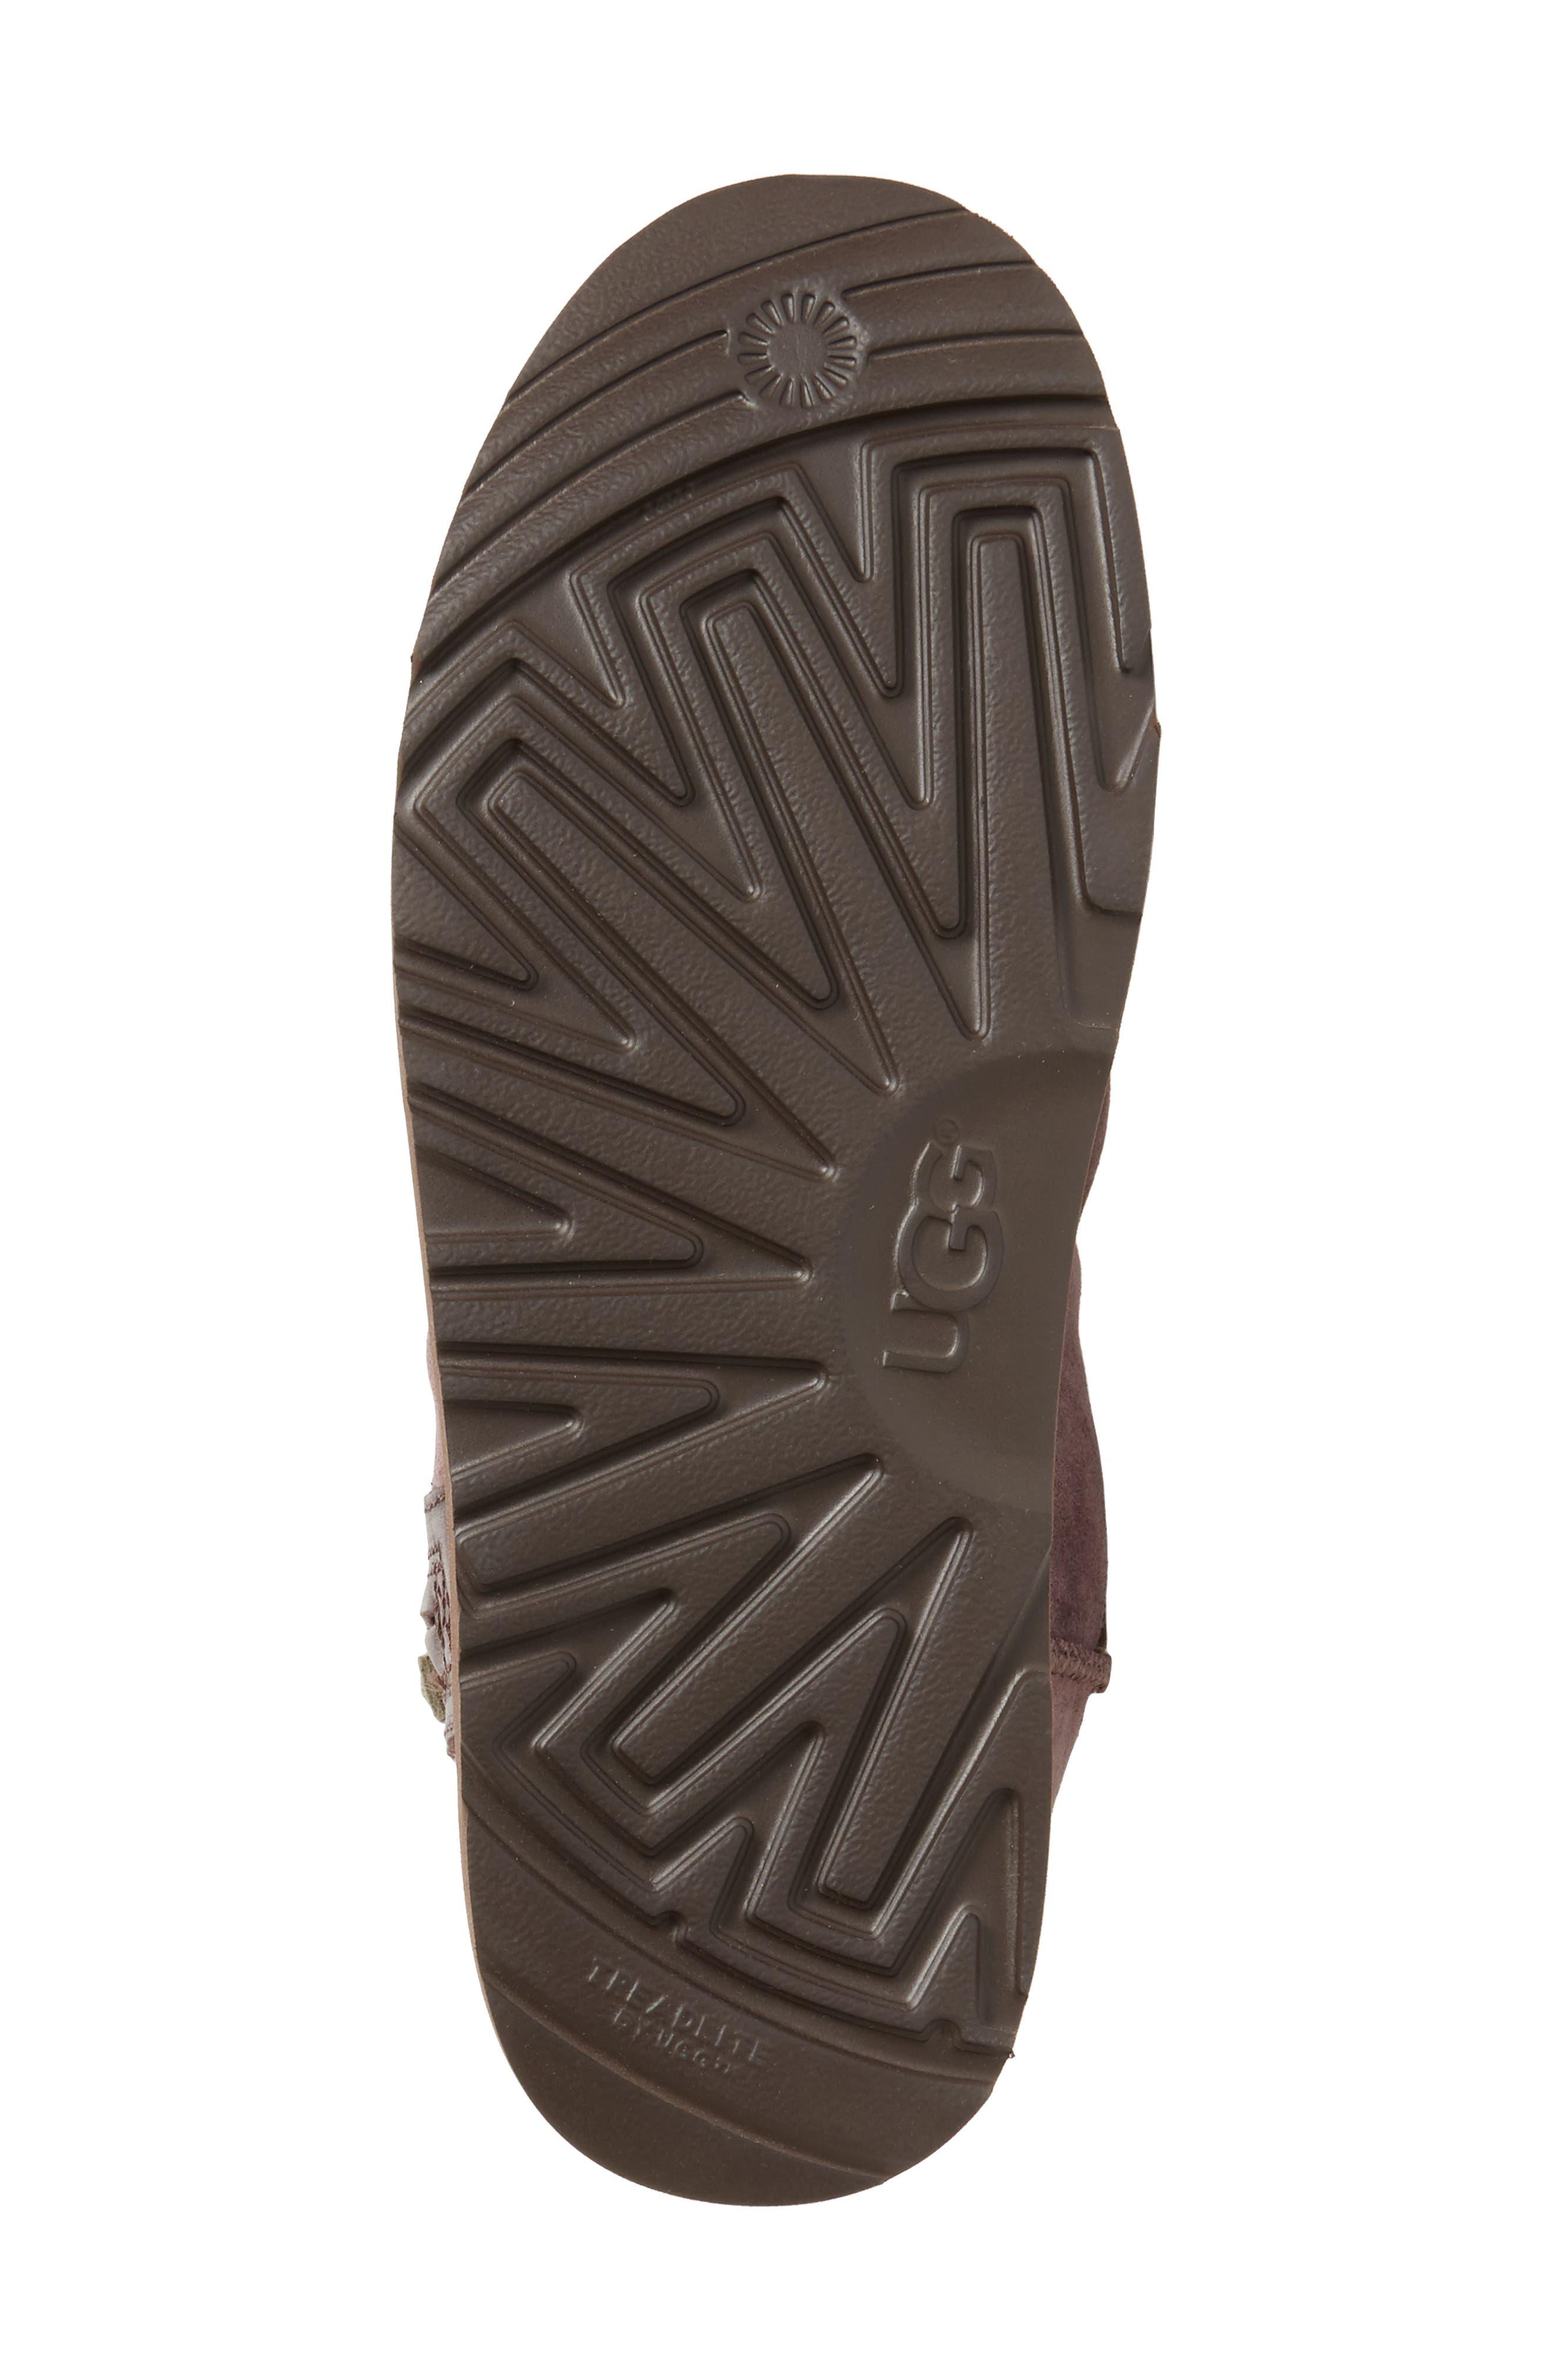 Mini Zip Waterproof Boot,                             Alternate thumbnail 6, color,                             Cordovan